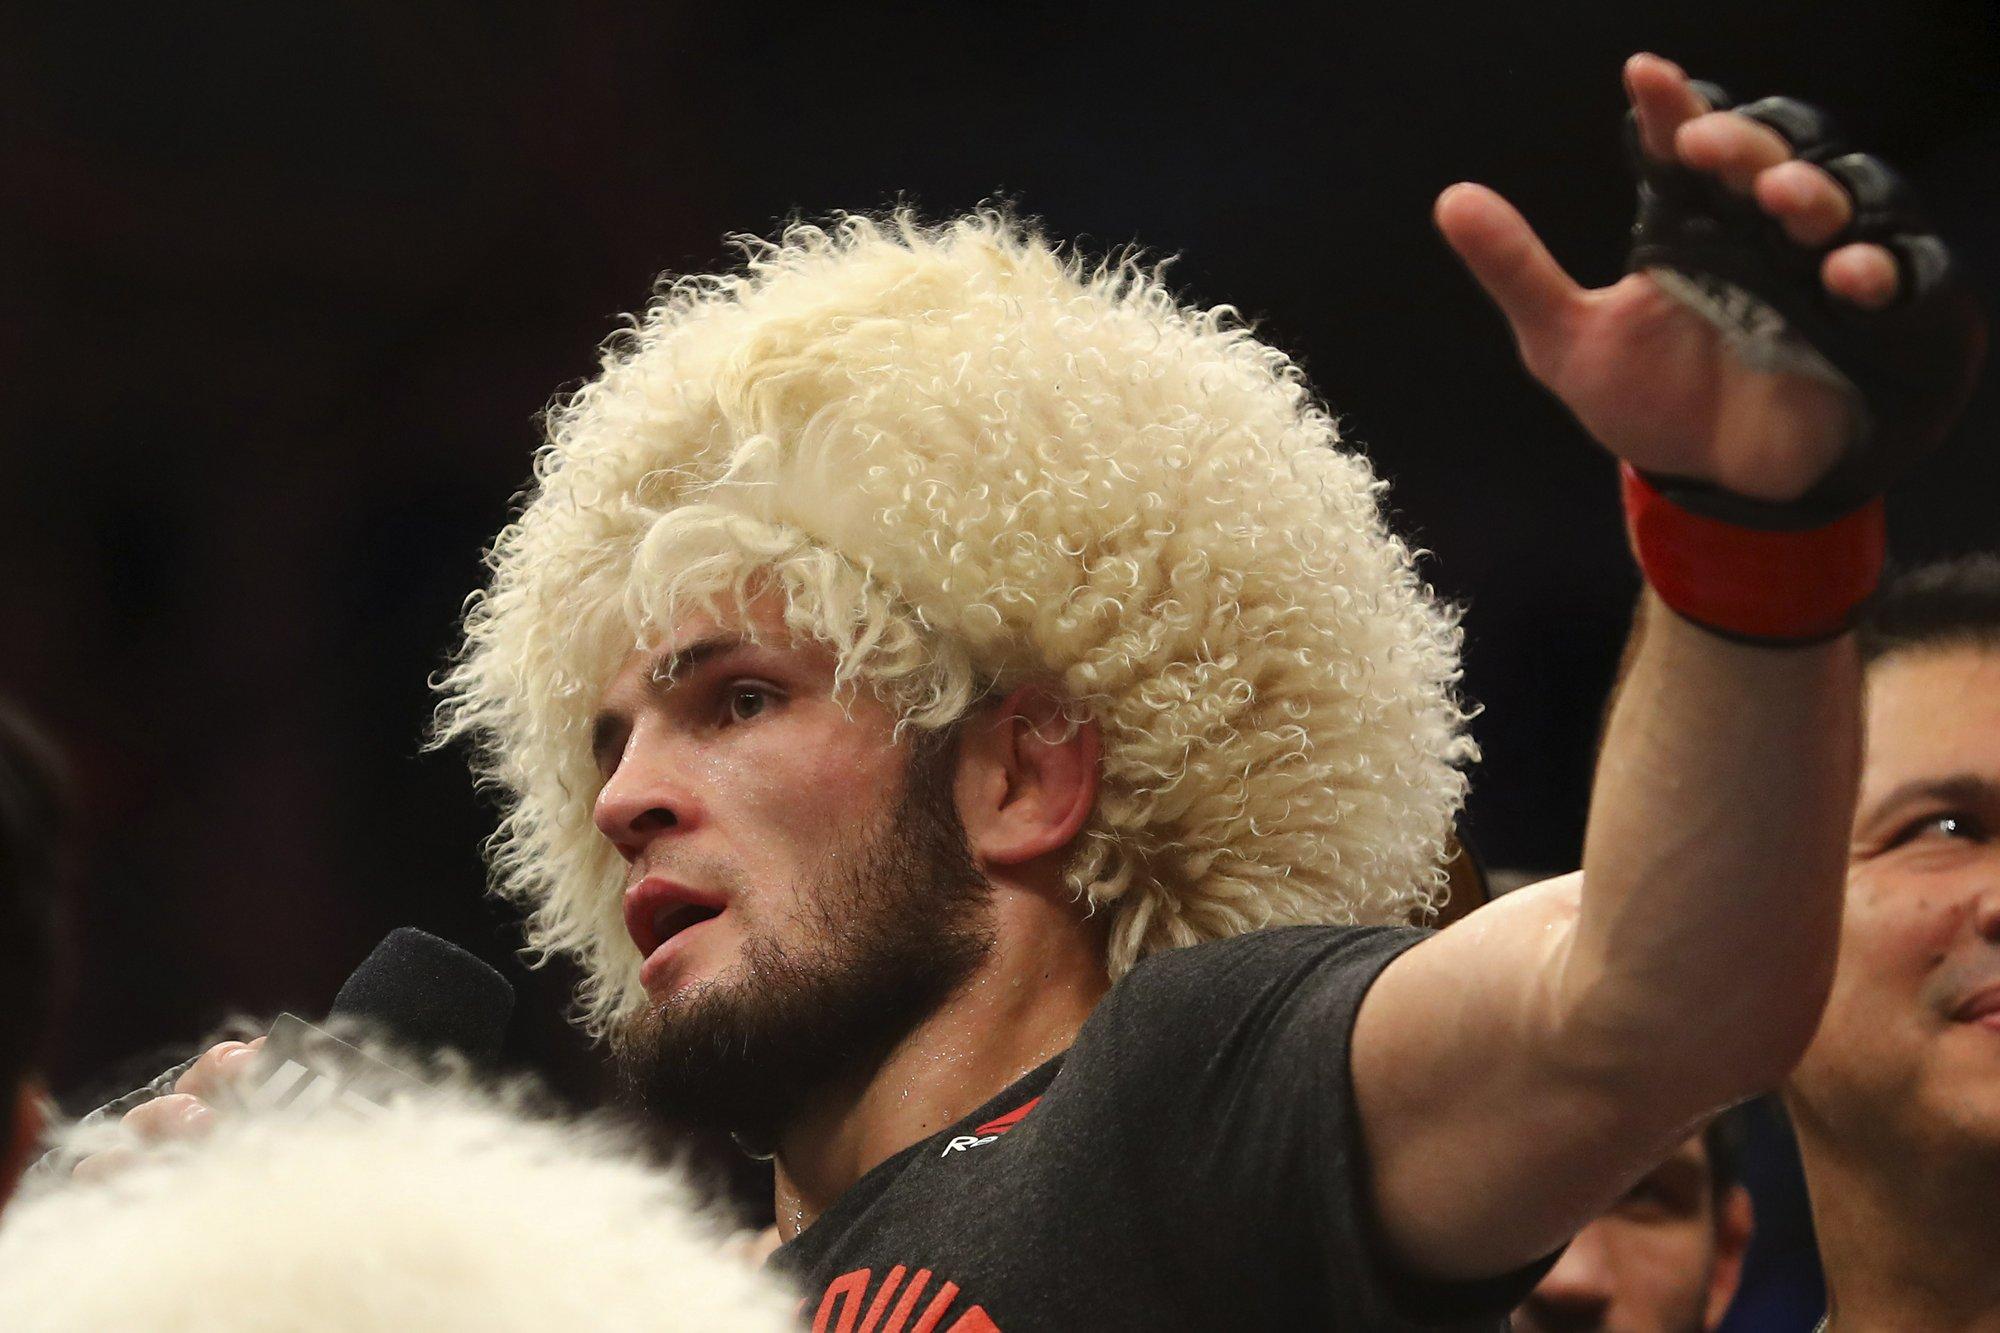 Putin praises 'tough' Nurmagomedov for UFC title defense